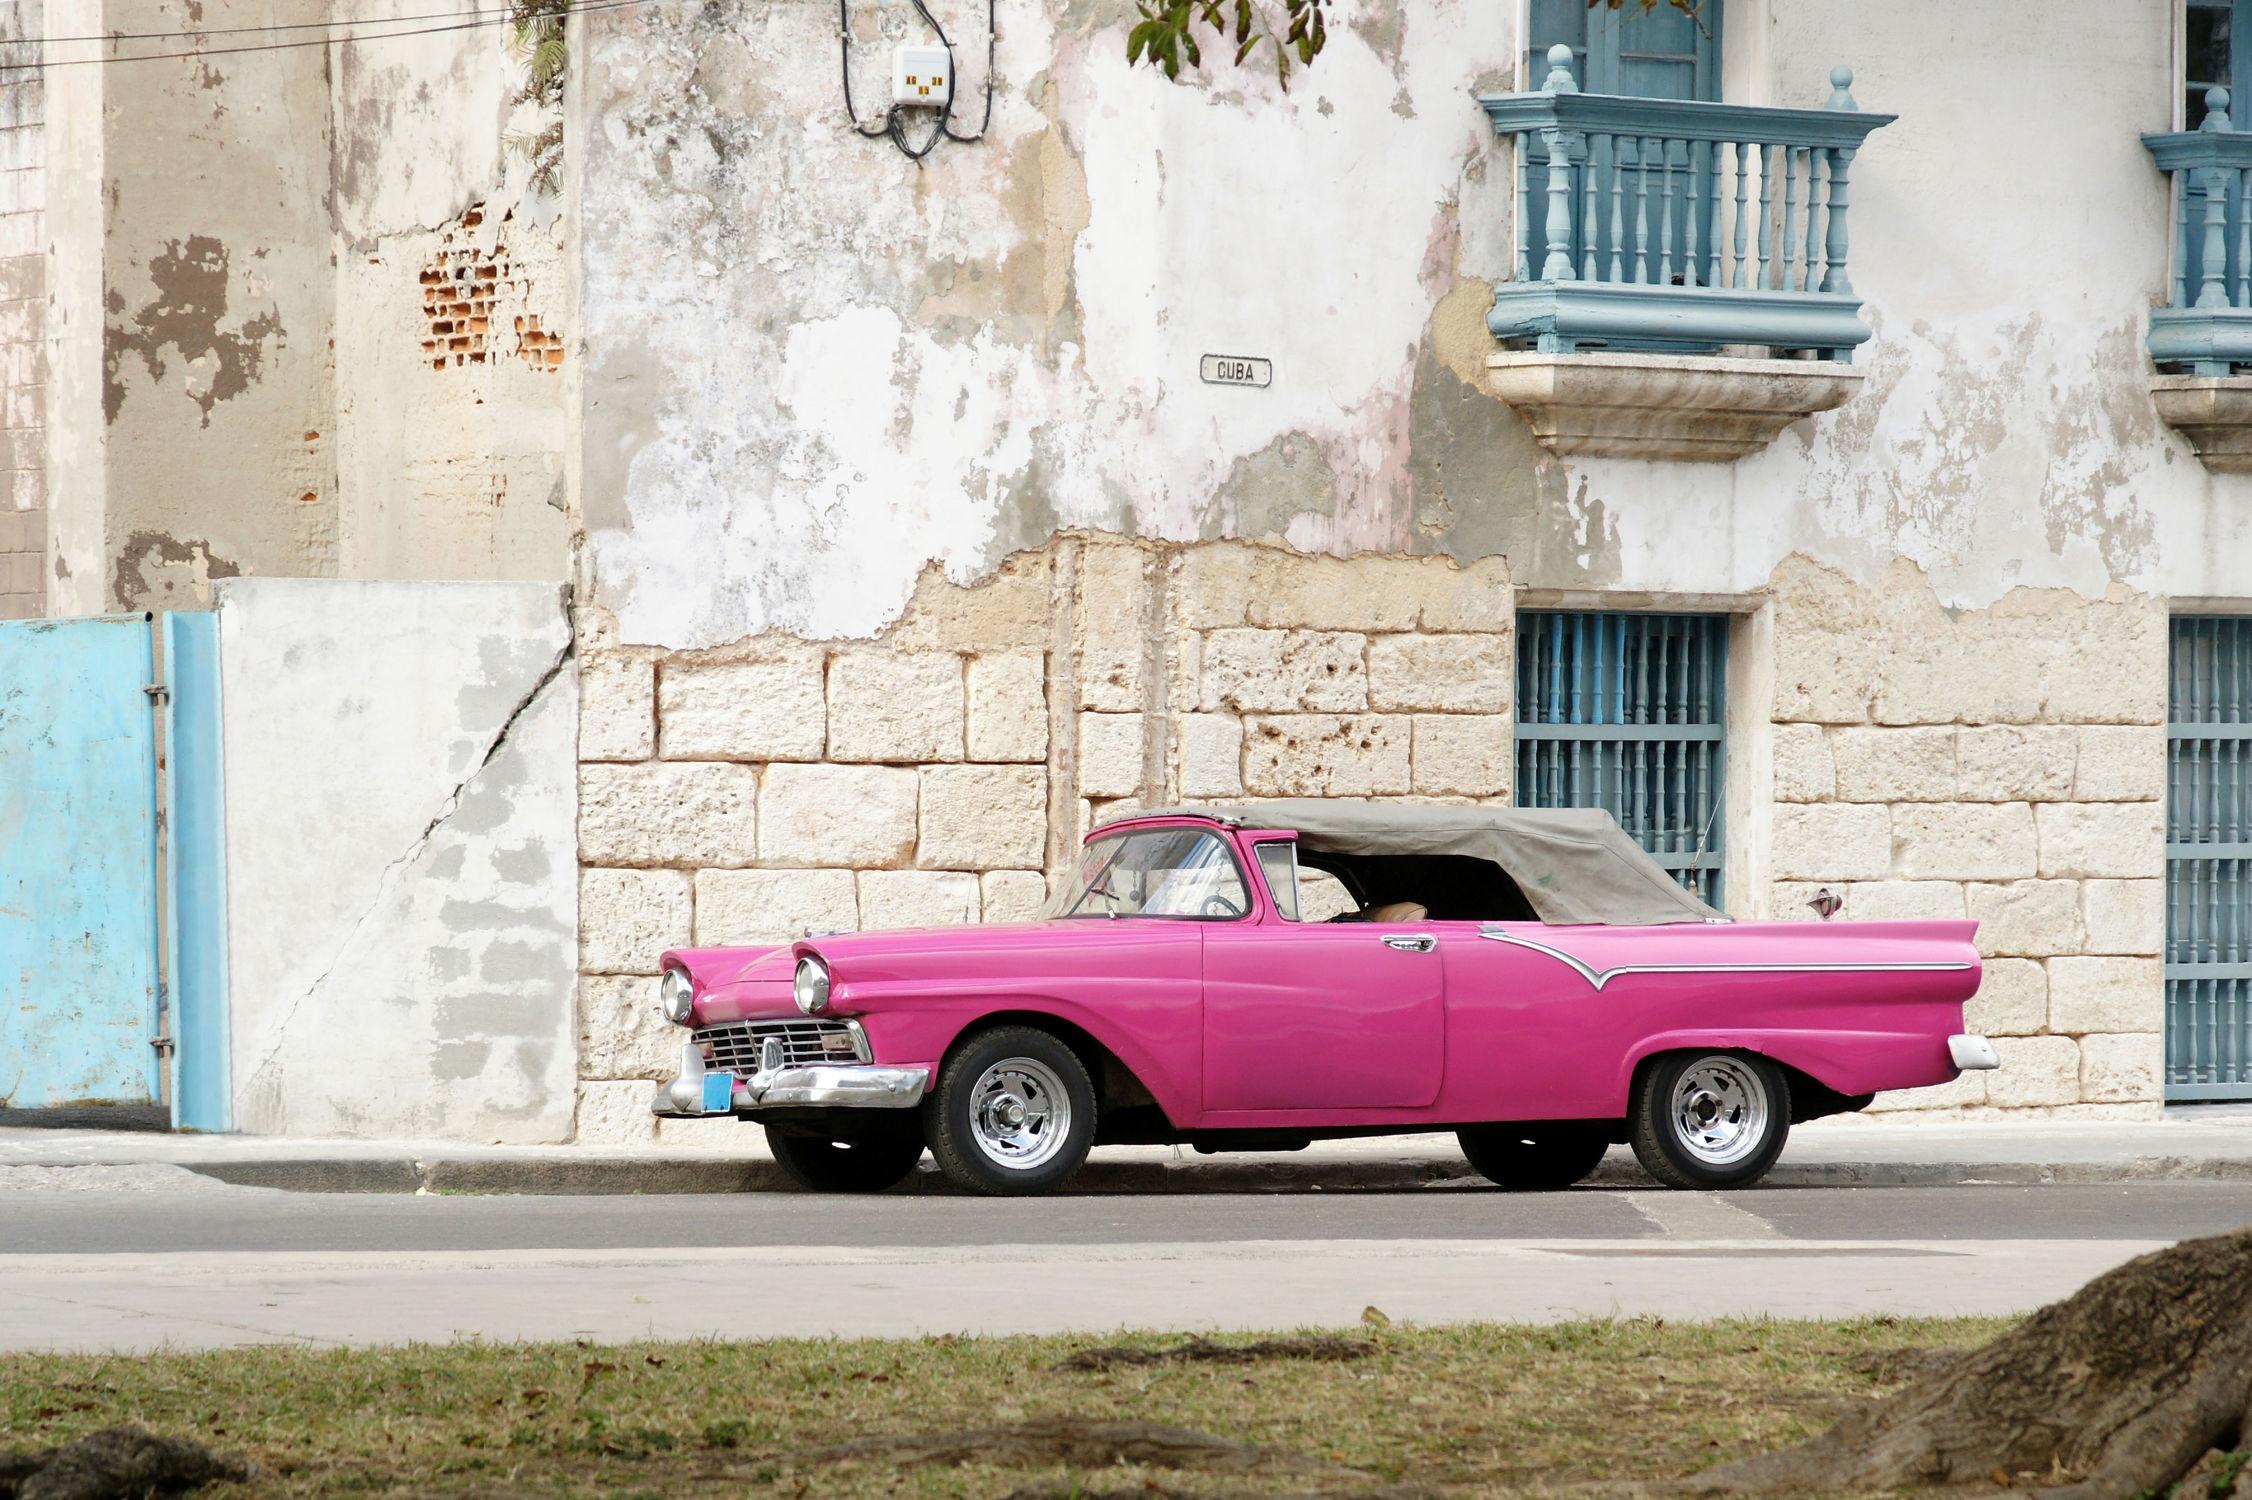 Bild mit Fahrzeuge, Autos